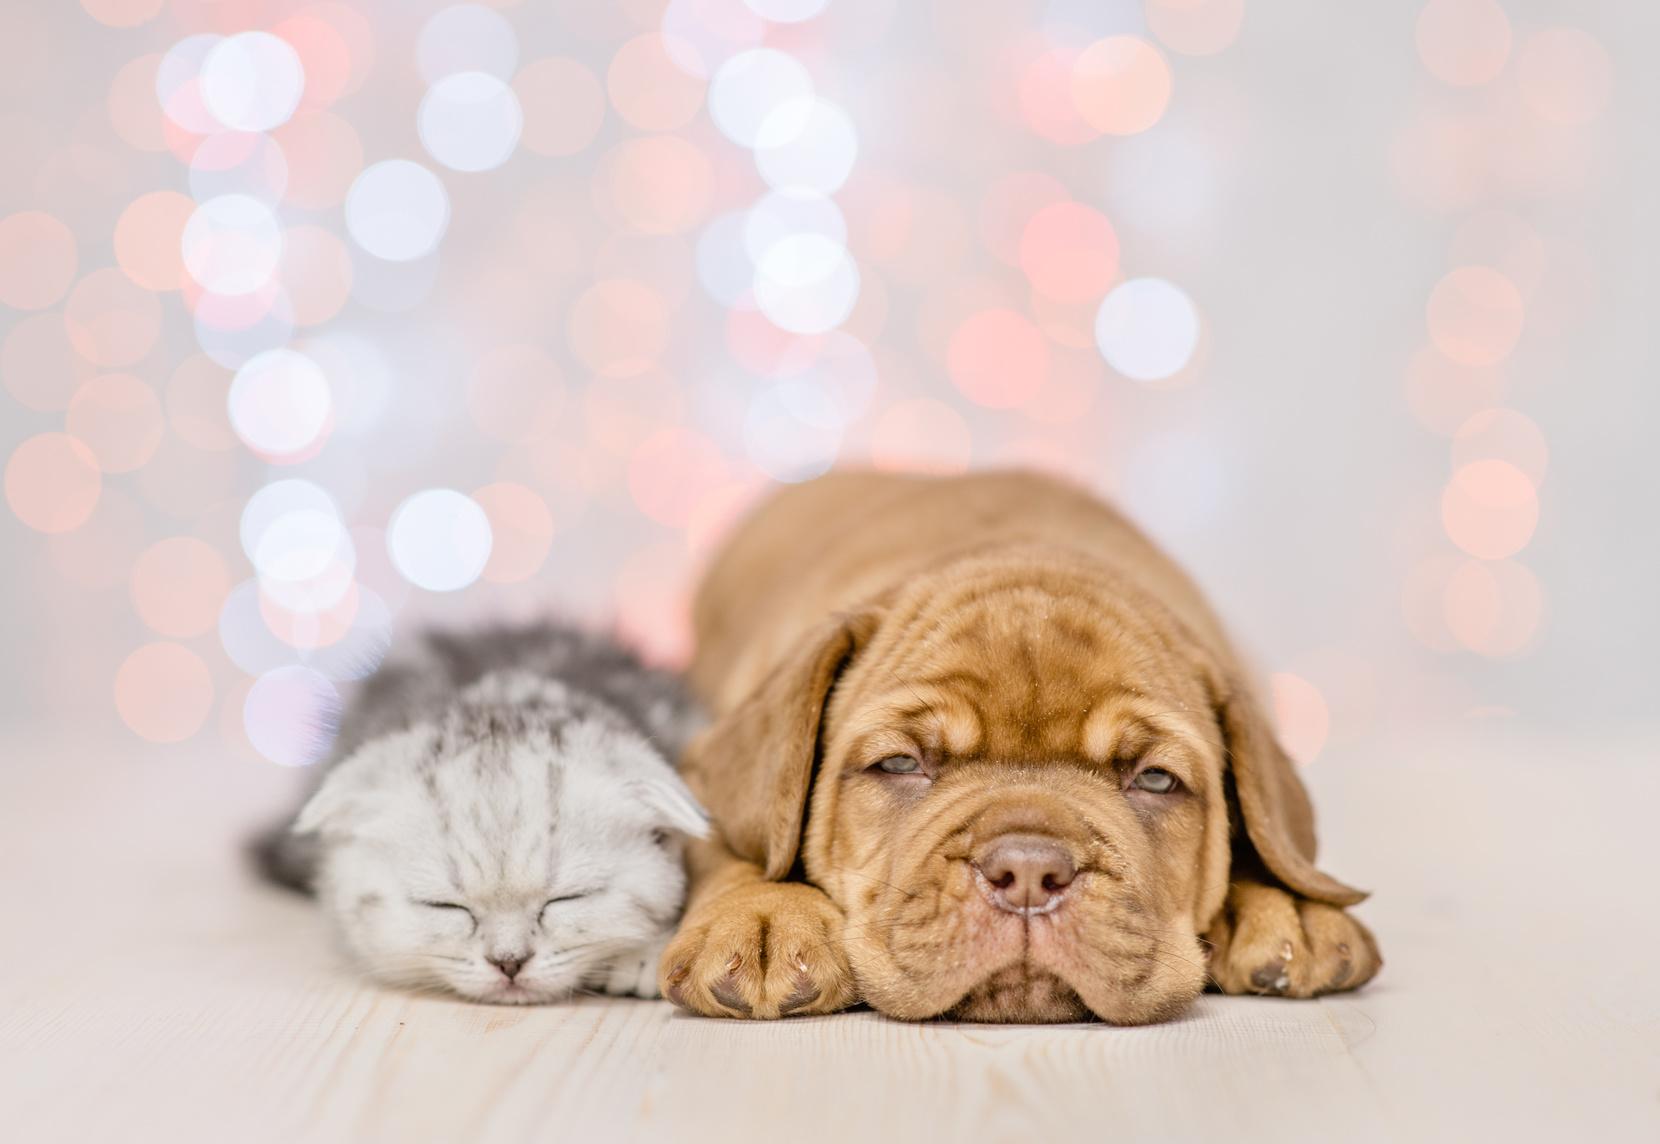 あなたの愛犬・愛猫が食べているペットフードは大丈夫?危険な添加物を知って愛犬・愛猫の健康を守ろう